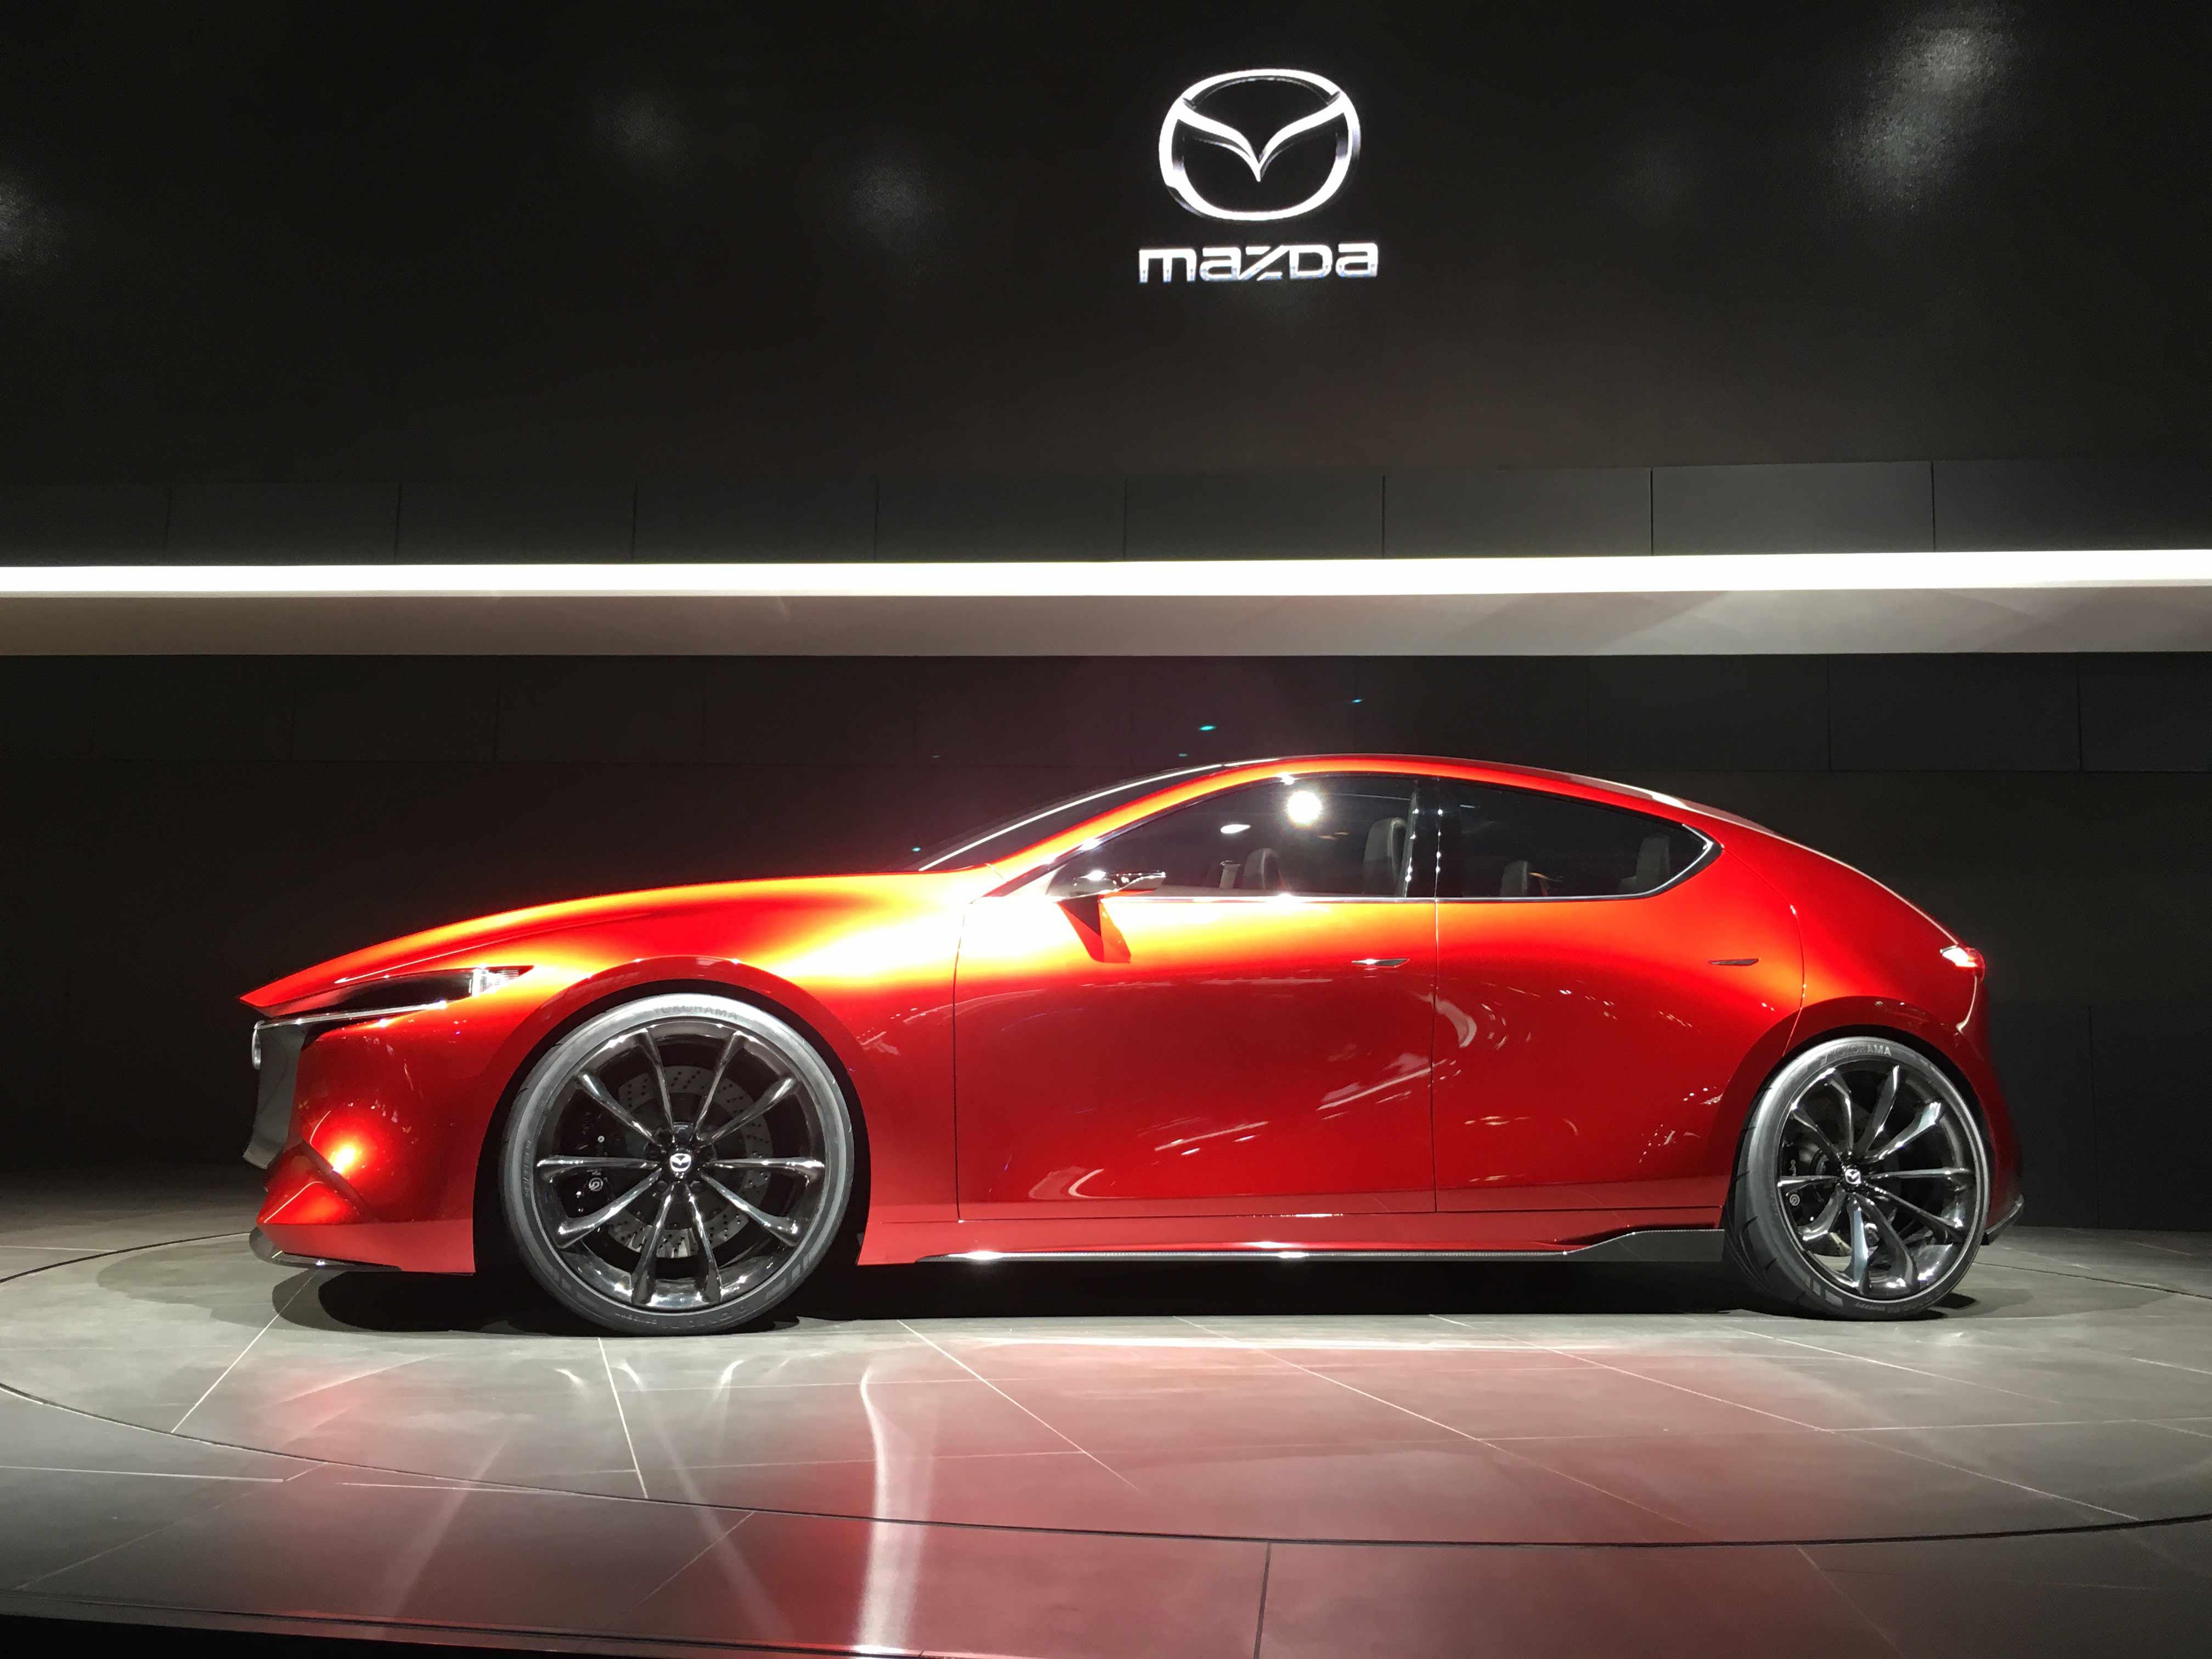 Mazda Kai Concept Profile On Stage